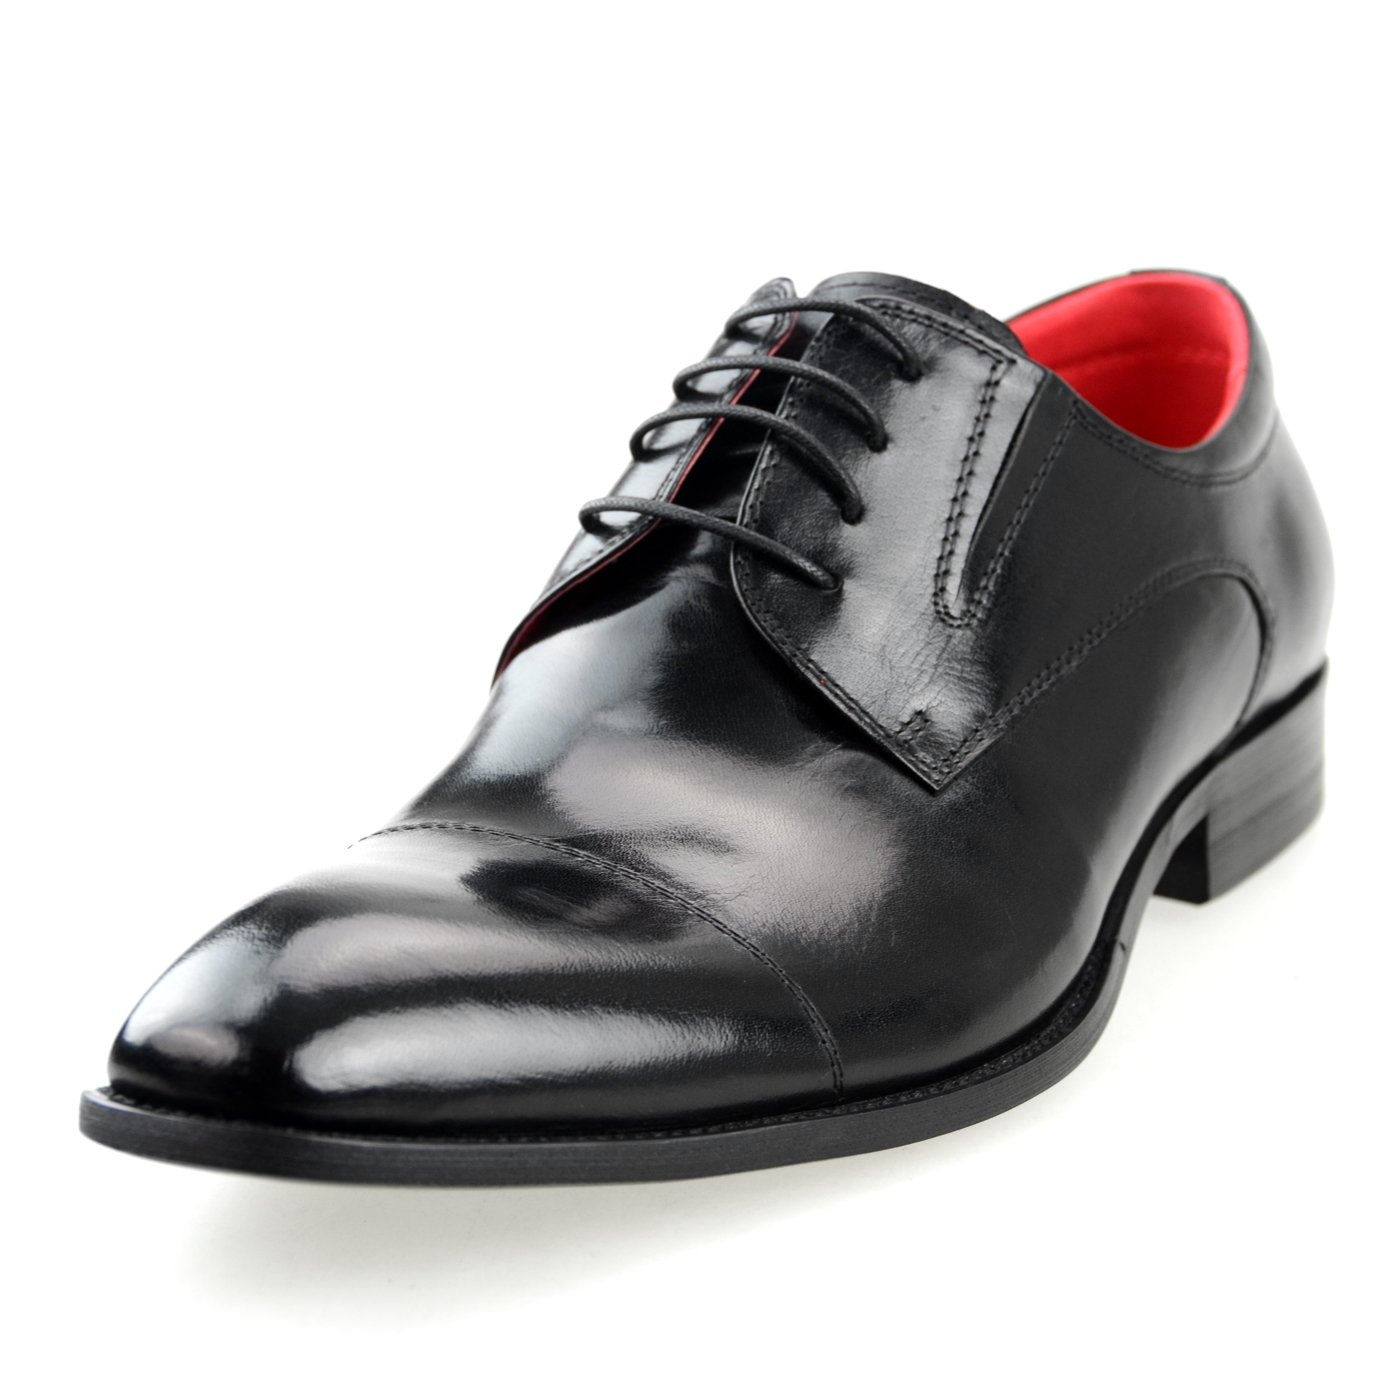 [ルシウス] LUCIUS 本革 レザー メンズ ビジネスシューズ レースアップ ドレス シューズ革靴 紳士靴 【AZ93B】 B00UH2GEI8 25.0 cm 3E|LLT700-1 ブラック LLT700-1 ブラック 25.0 cm 3E